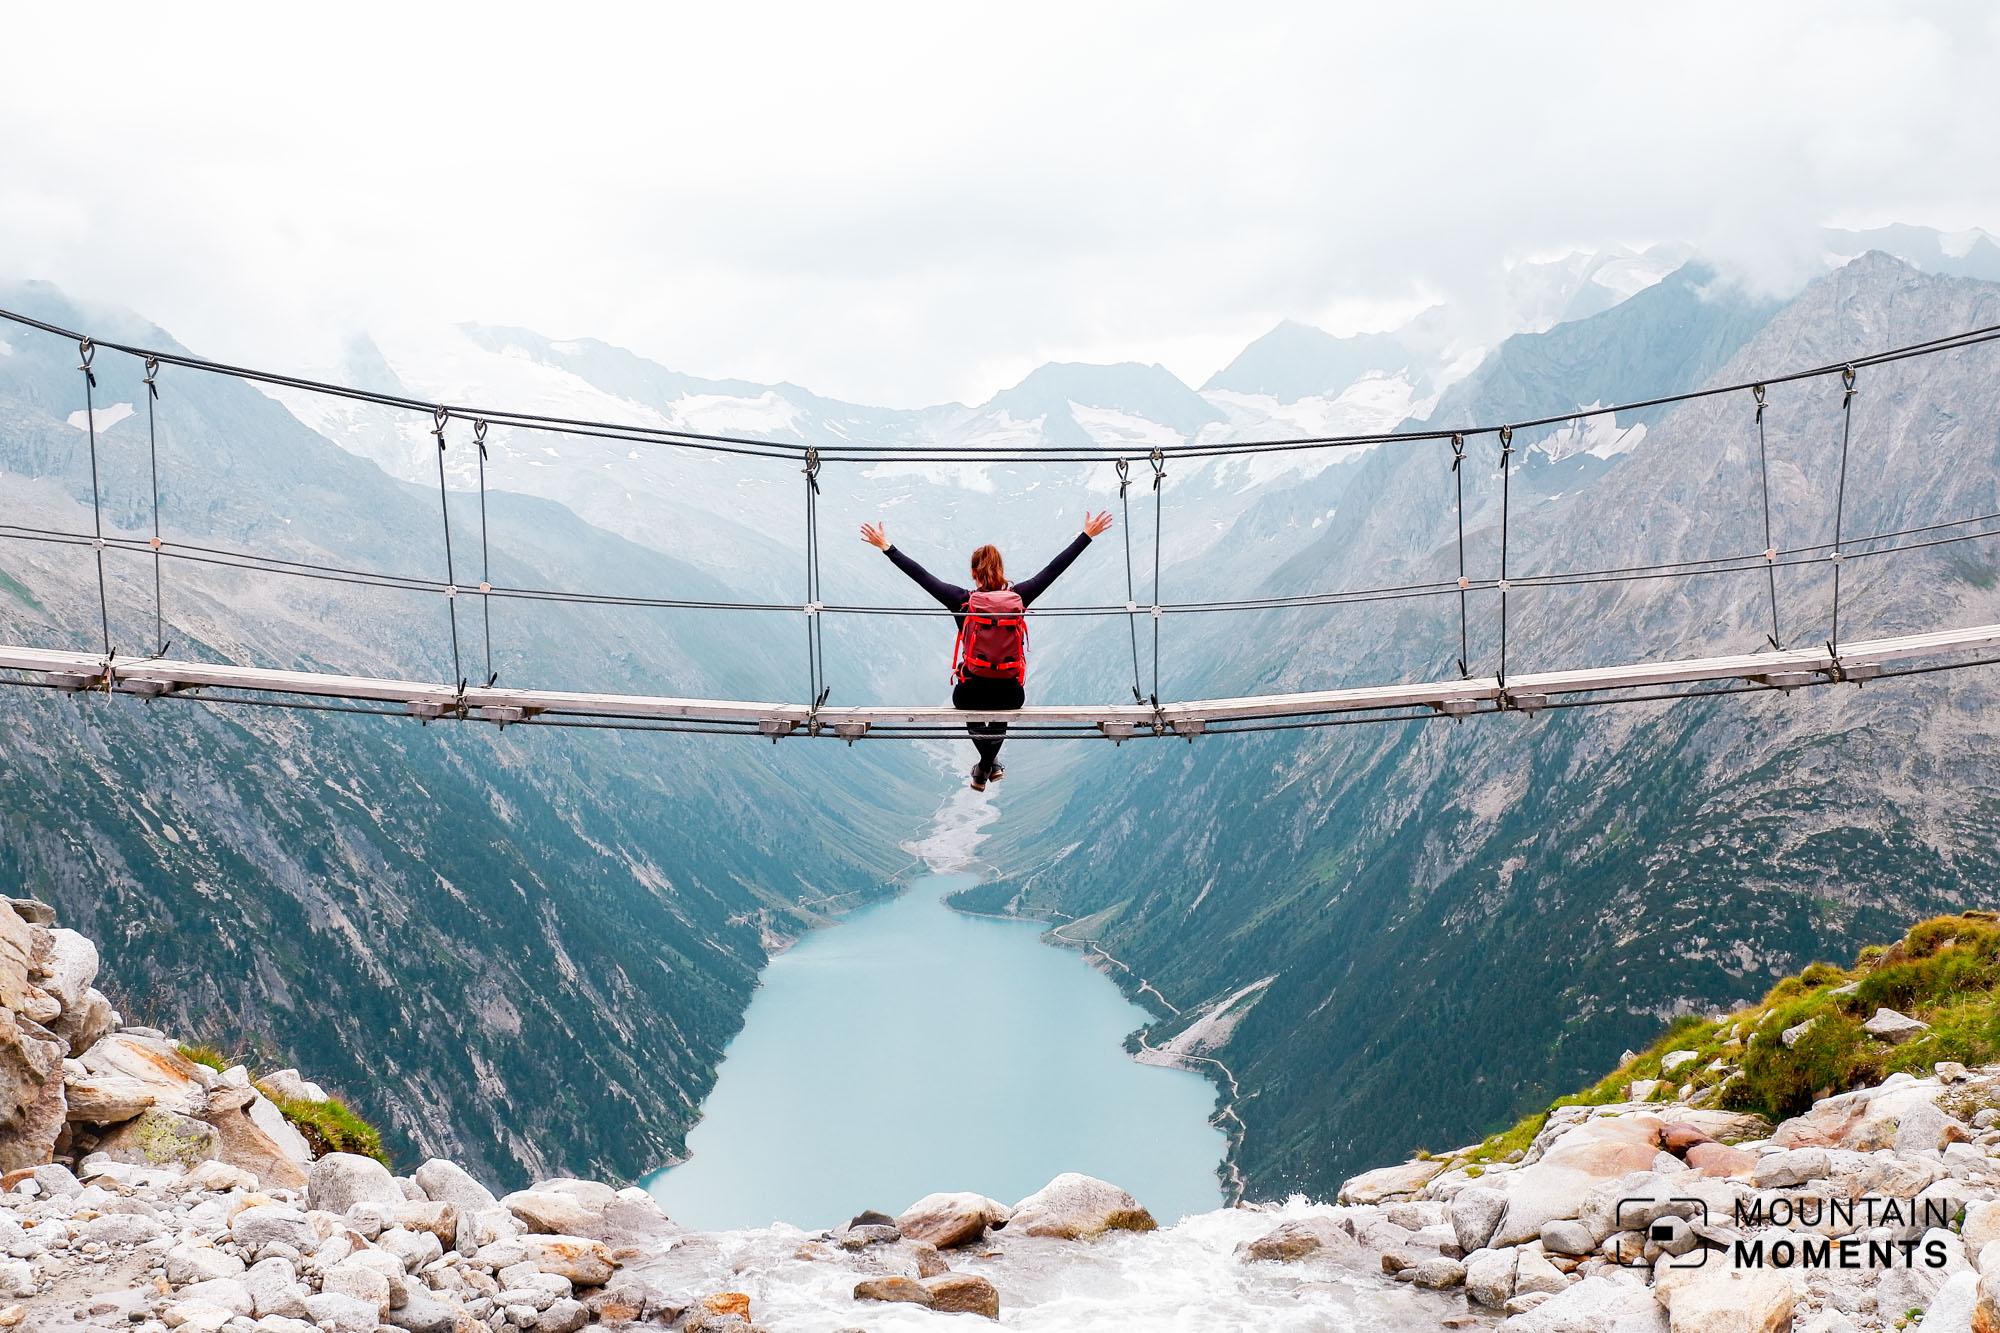 hängebrücke zillertal, fotospot zillertal, bergmomente zillertal, foto location zillertal